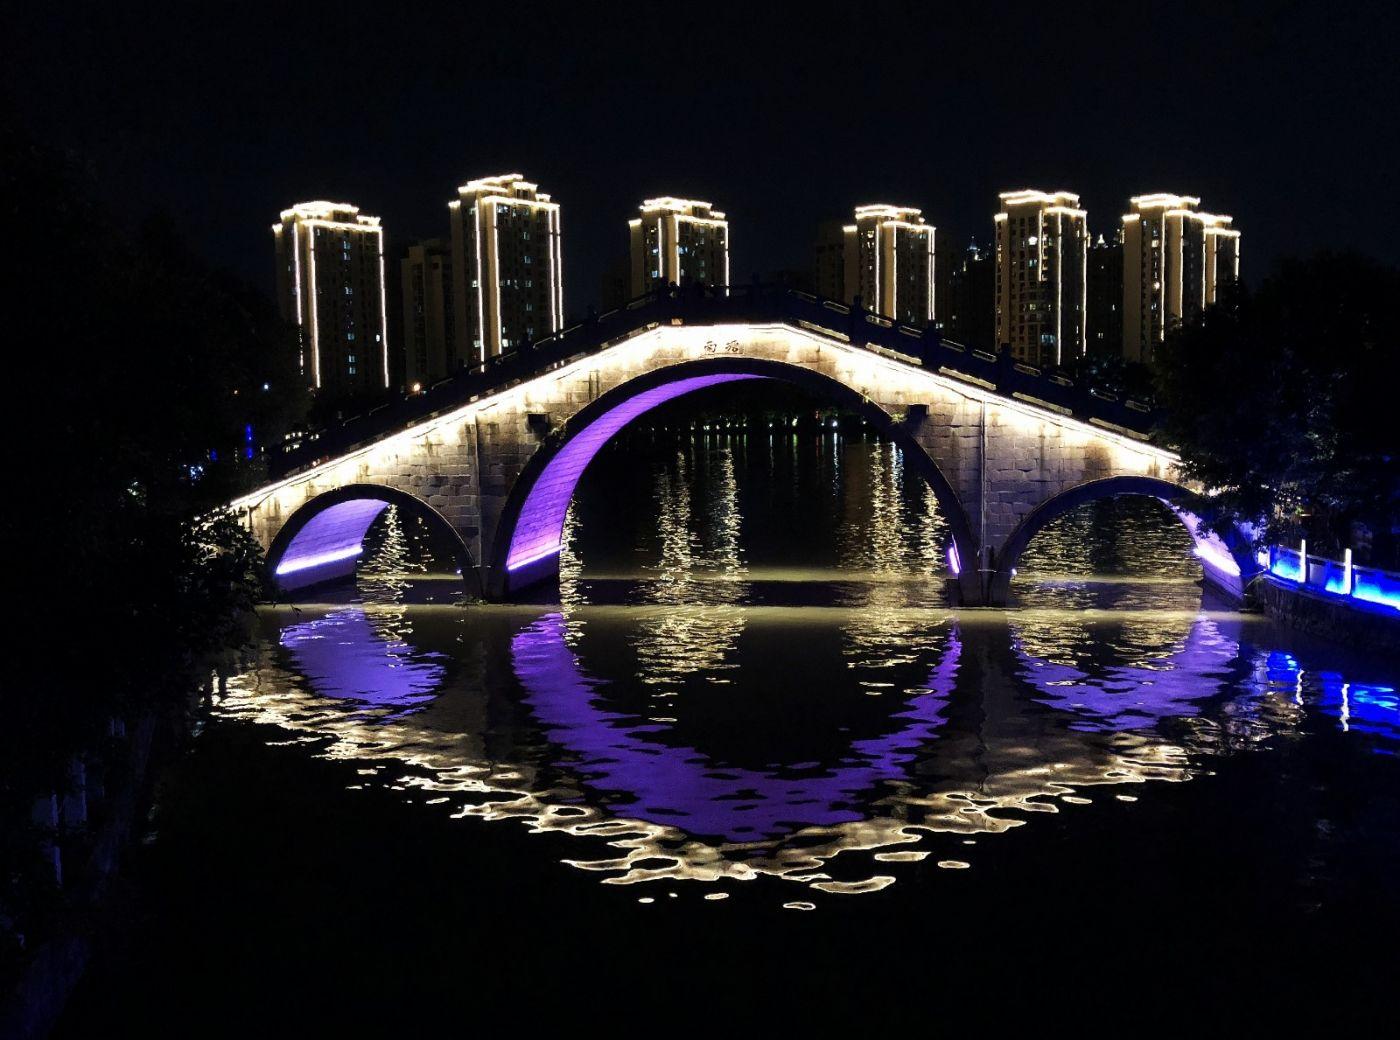 【田螺随拍】温州的印象南塘-手机版_图1-9